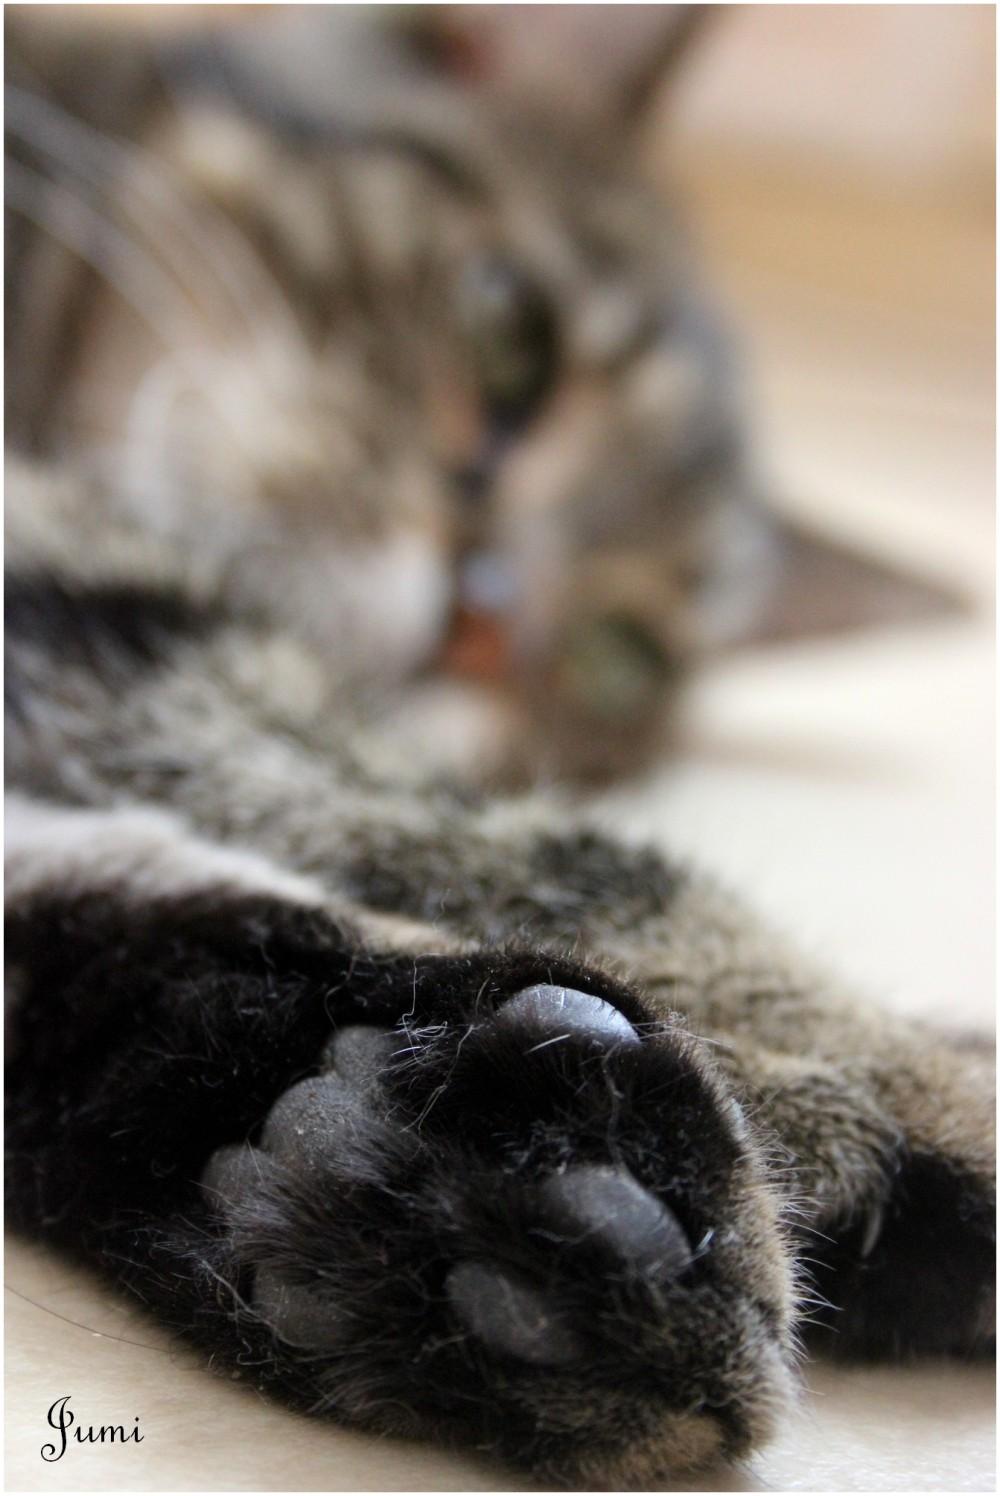 Cat's patte